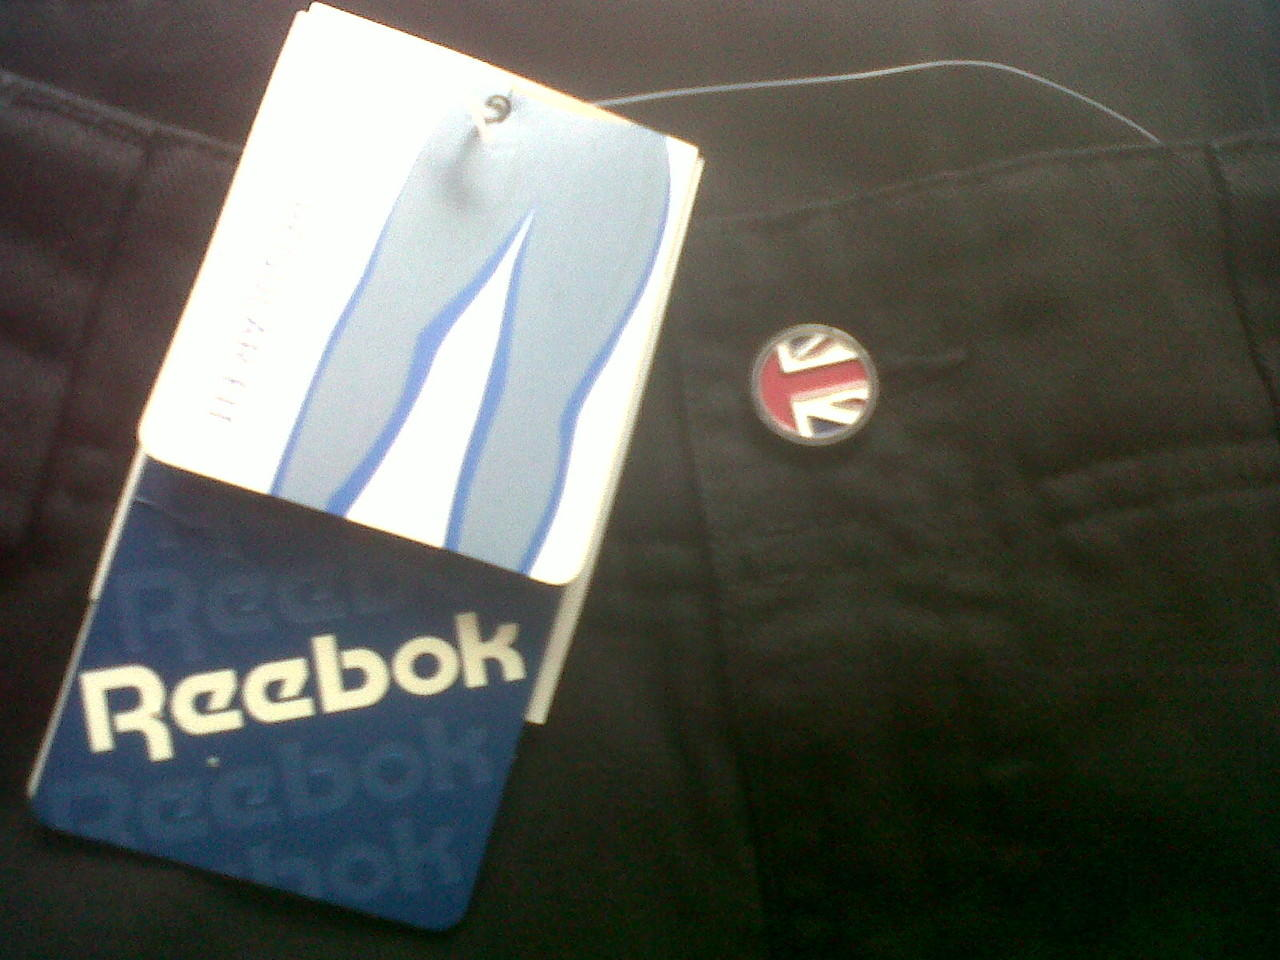 Celana Reebok dan Adidas Kids Original Murah